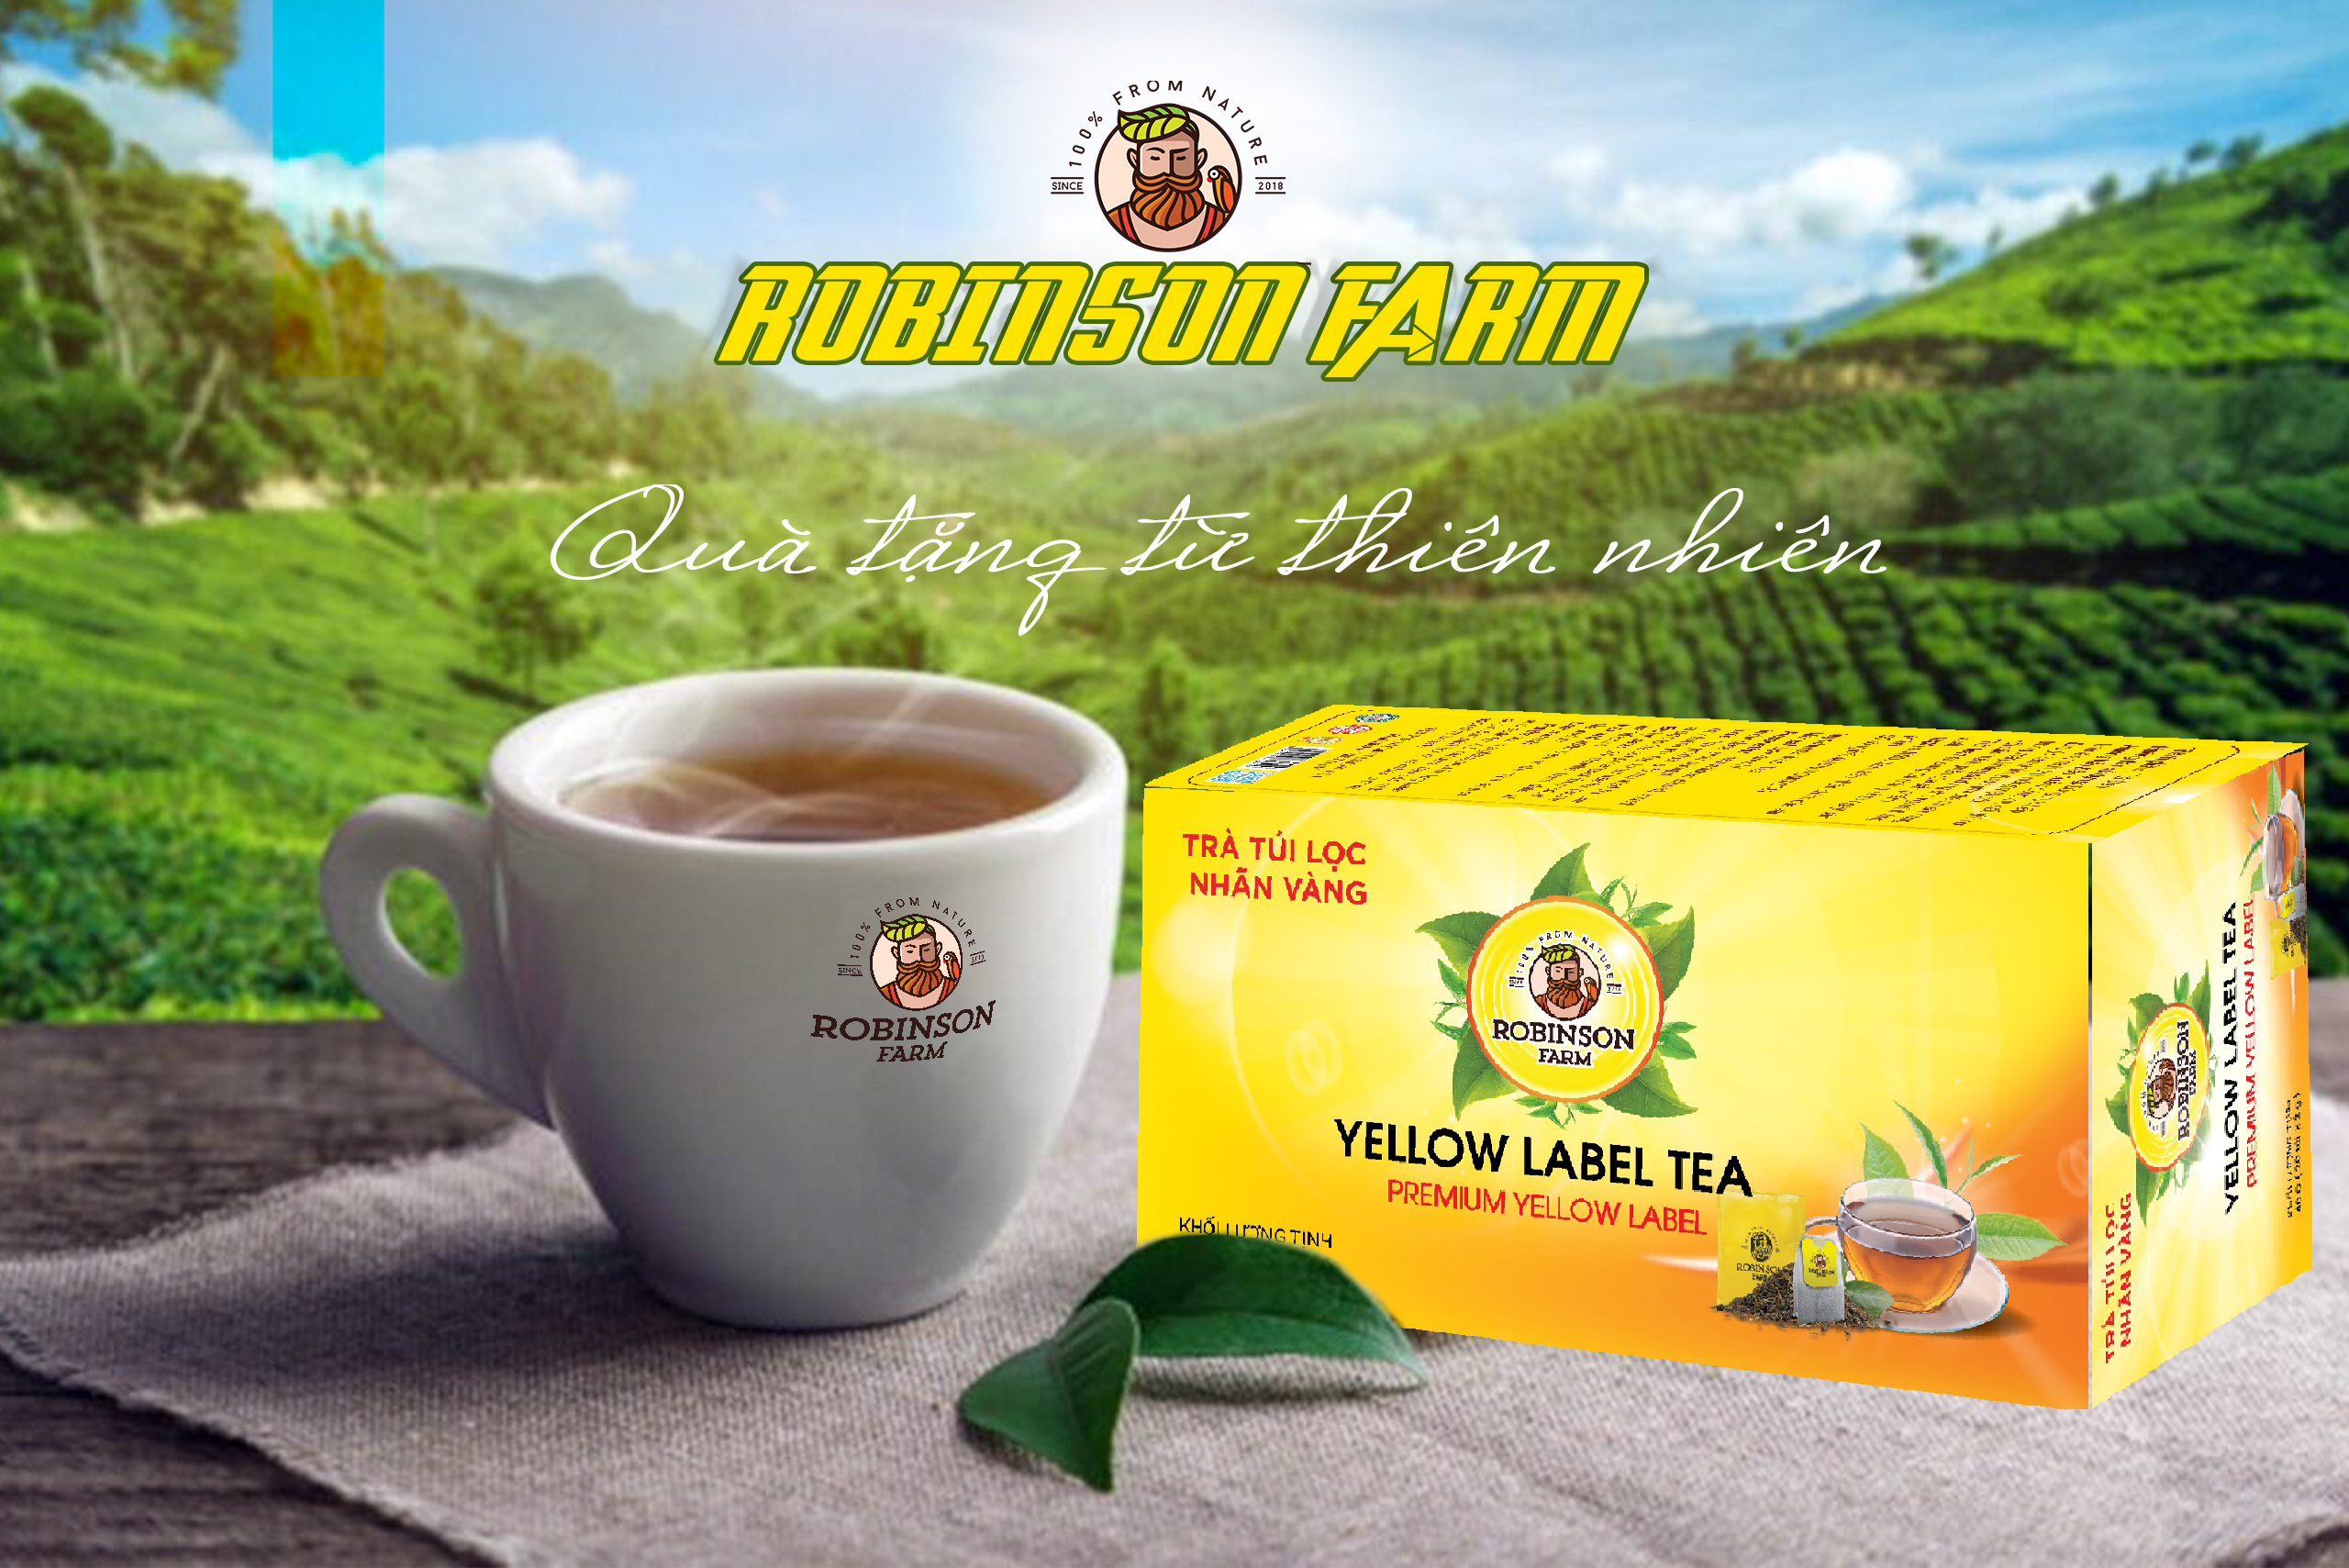 Trà đen nhãn vàng robinson farm